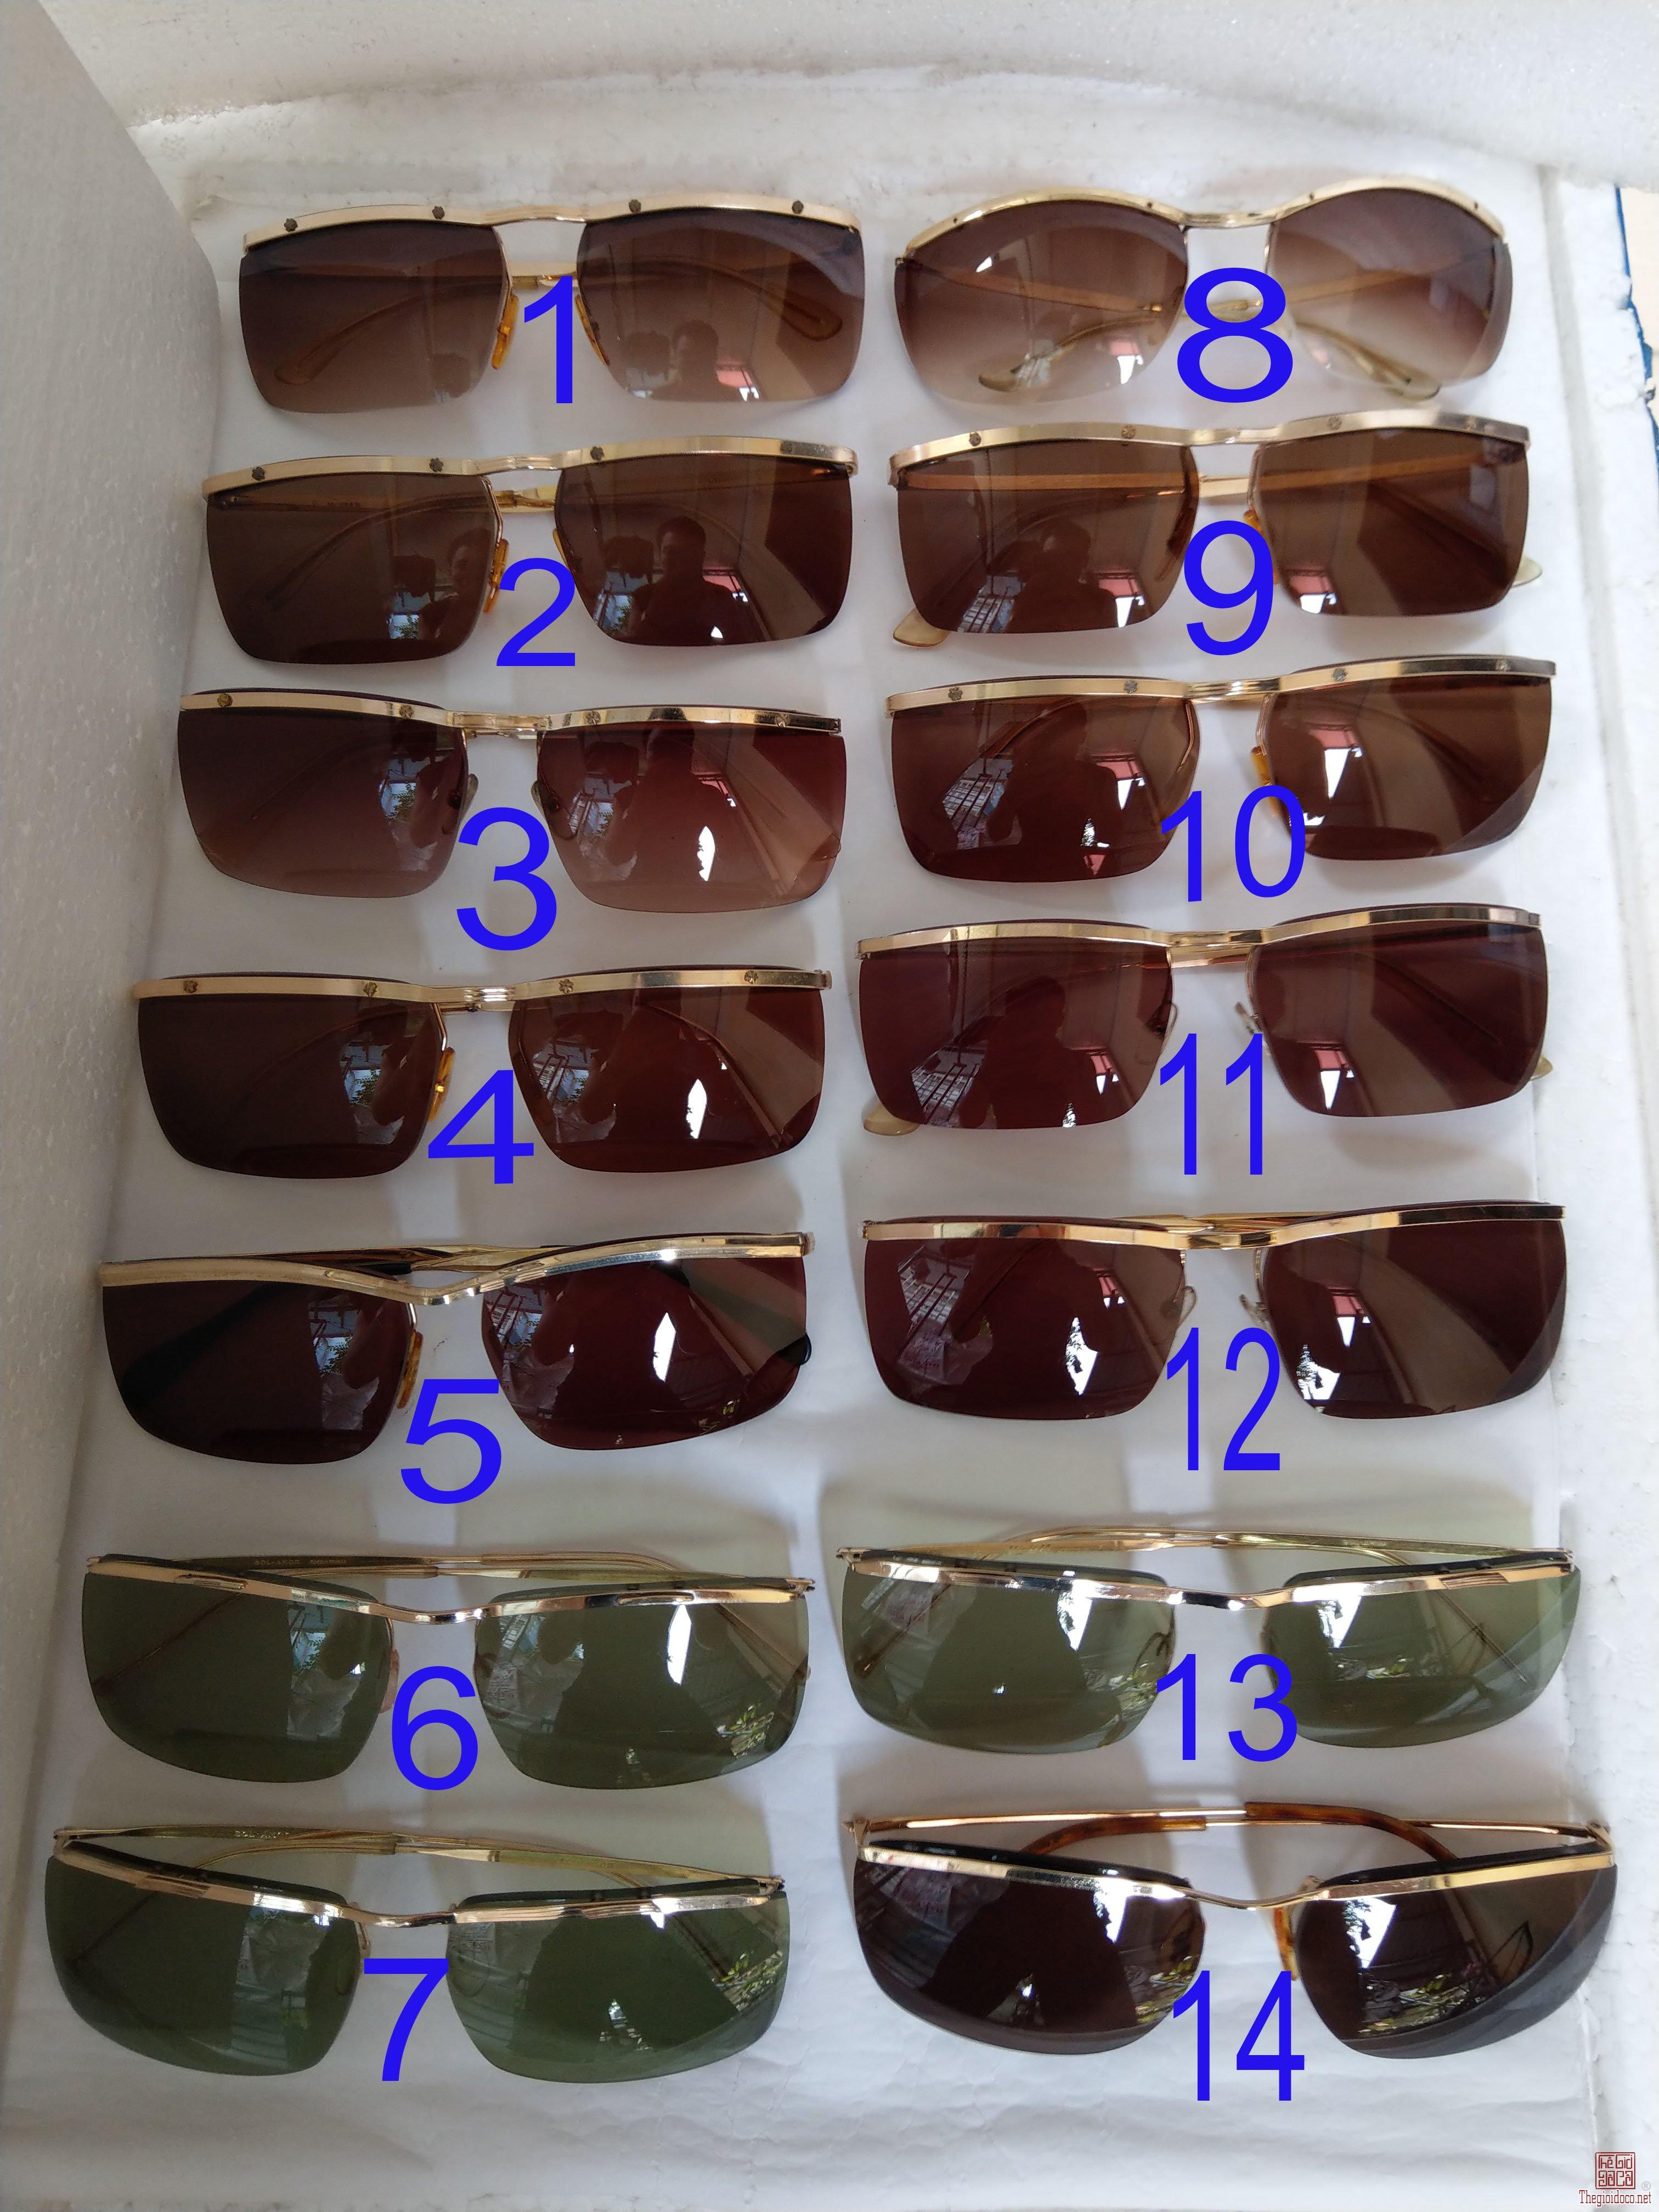 Giàn kính cổ mạ vàng bọc vàng có đầy đủ các thương hiệu nổi tiếng trên toàn thế giới ..vv